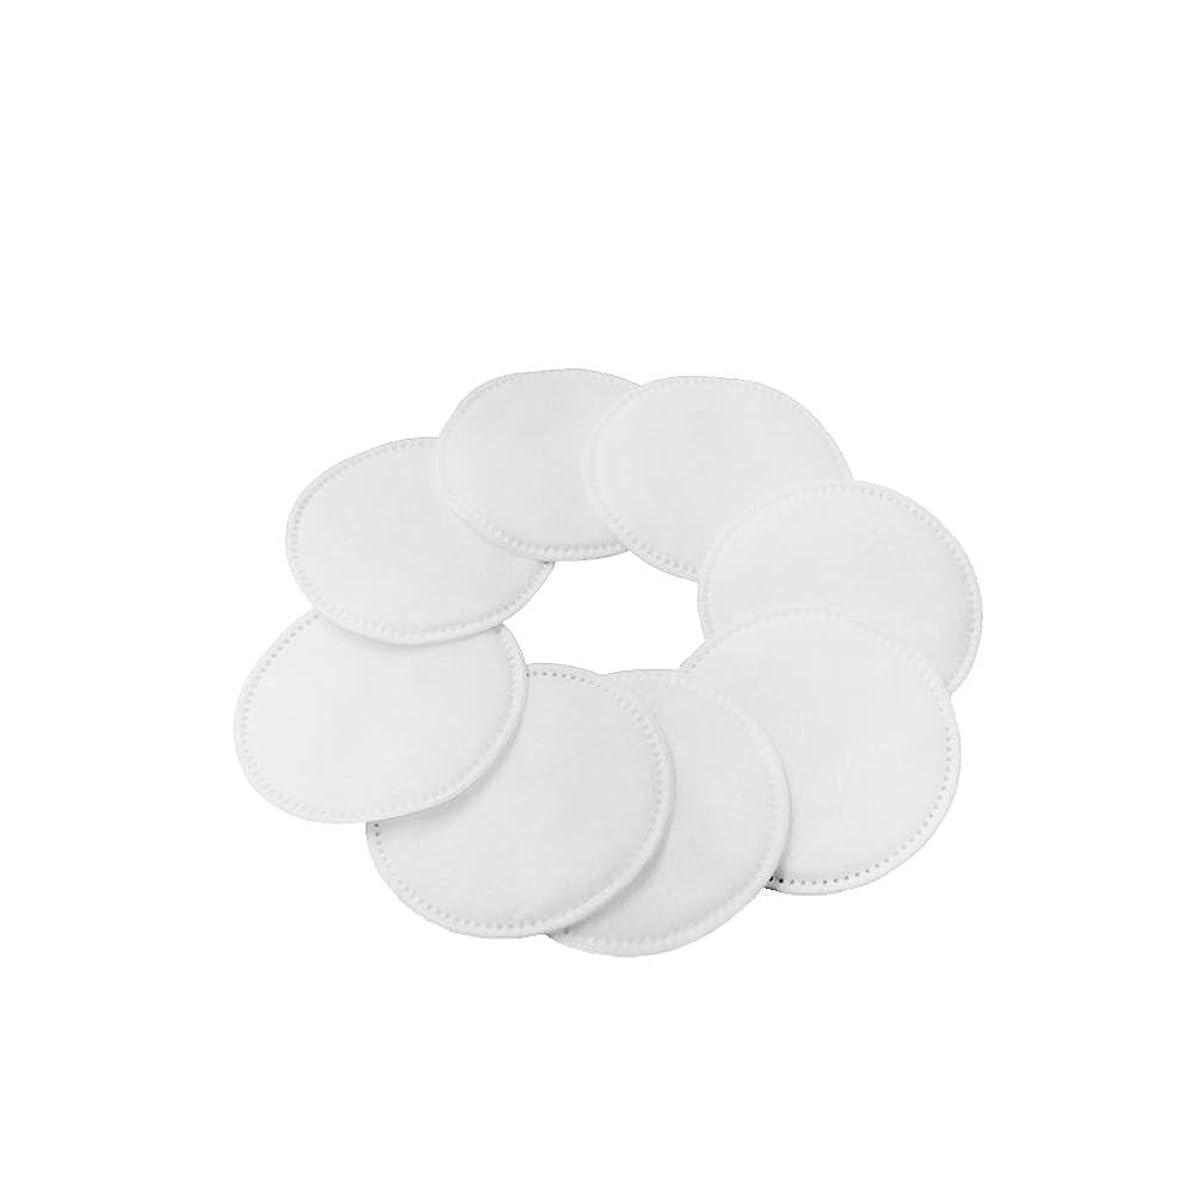 近代化するフラスコ元気なAmyou 再利用可能なメイクアップリムーバーパッド、洗濯可能な竹の綿の授乳クッション、洗濯毛布、ソフトとフェイススキンケアウォッシュ布袋 - フェイスワイプ/アイクリエーション